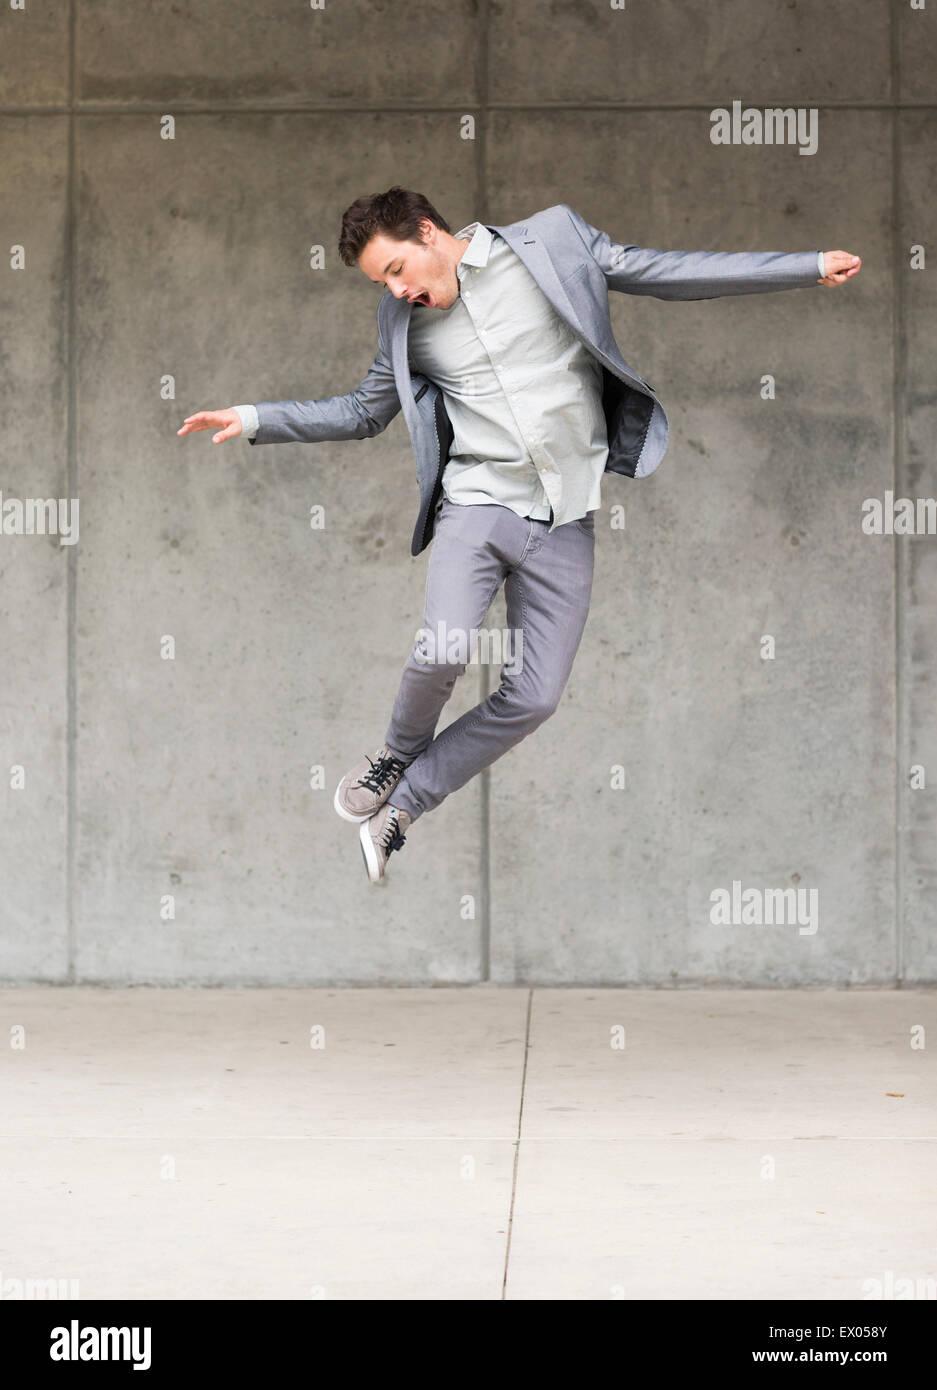 Empresario saltando el aire. Imagen De Stock